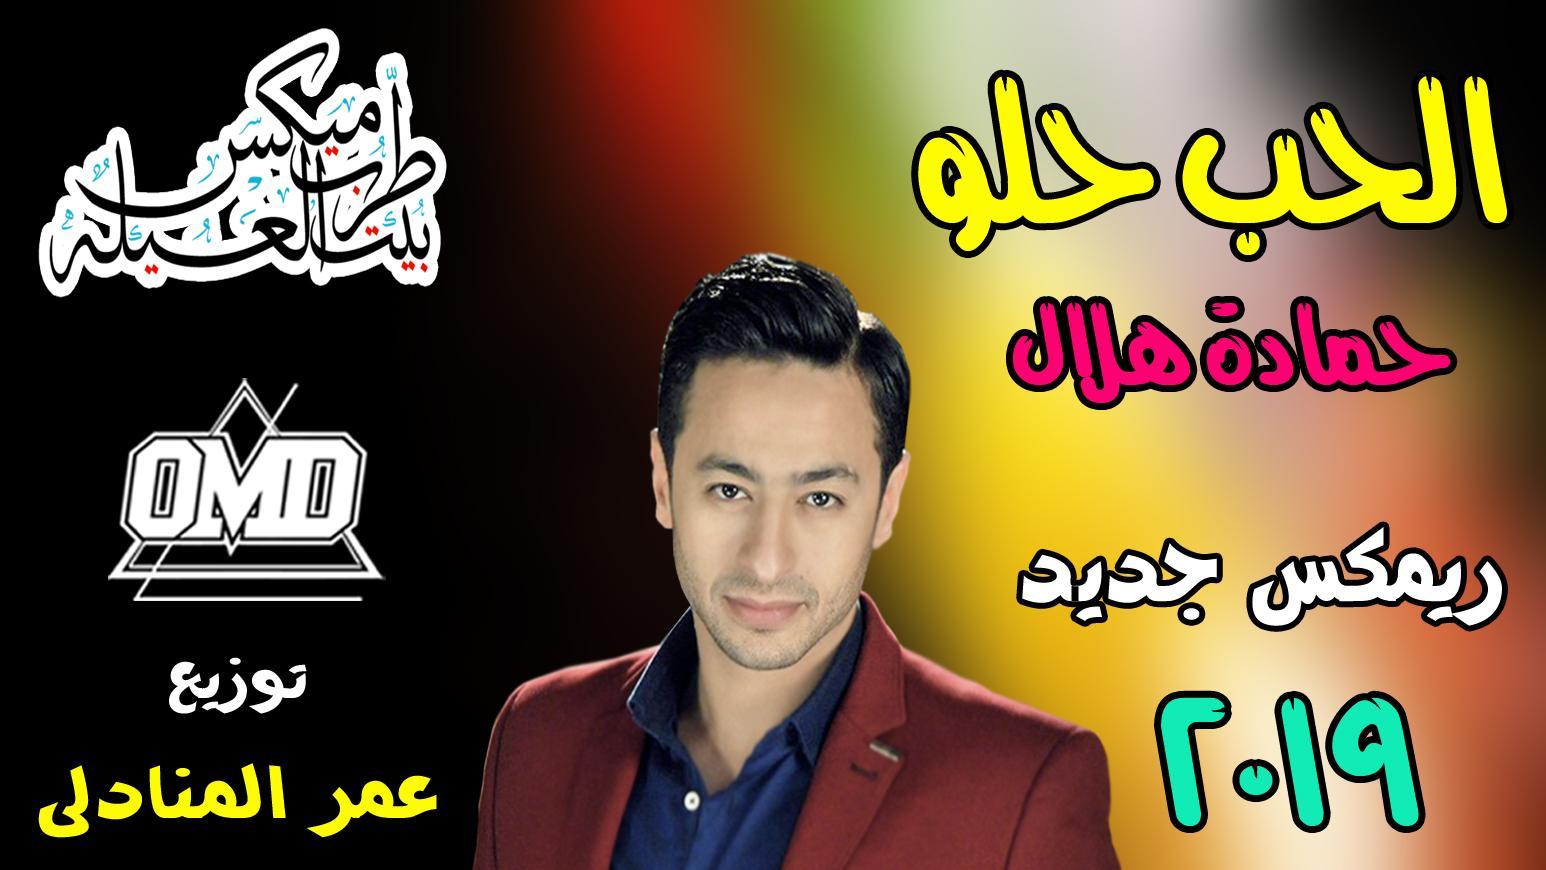 حصريا اغنية الحب حلو - حمادة هلال بتوزيع جديد 2019 لــ عمر المنادلى